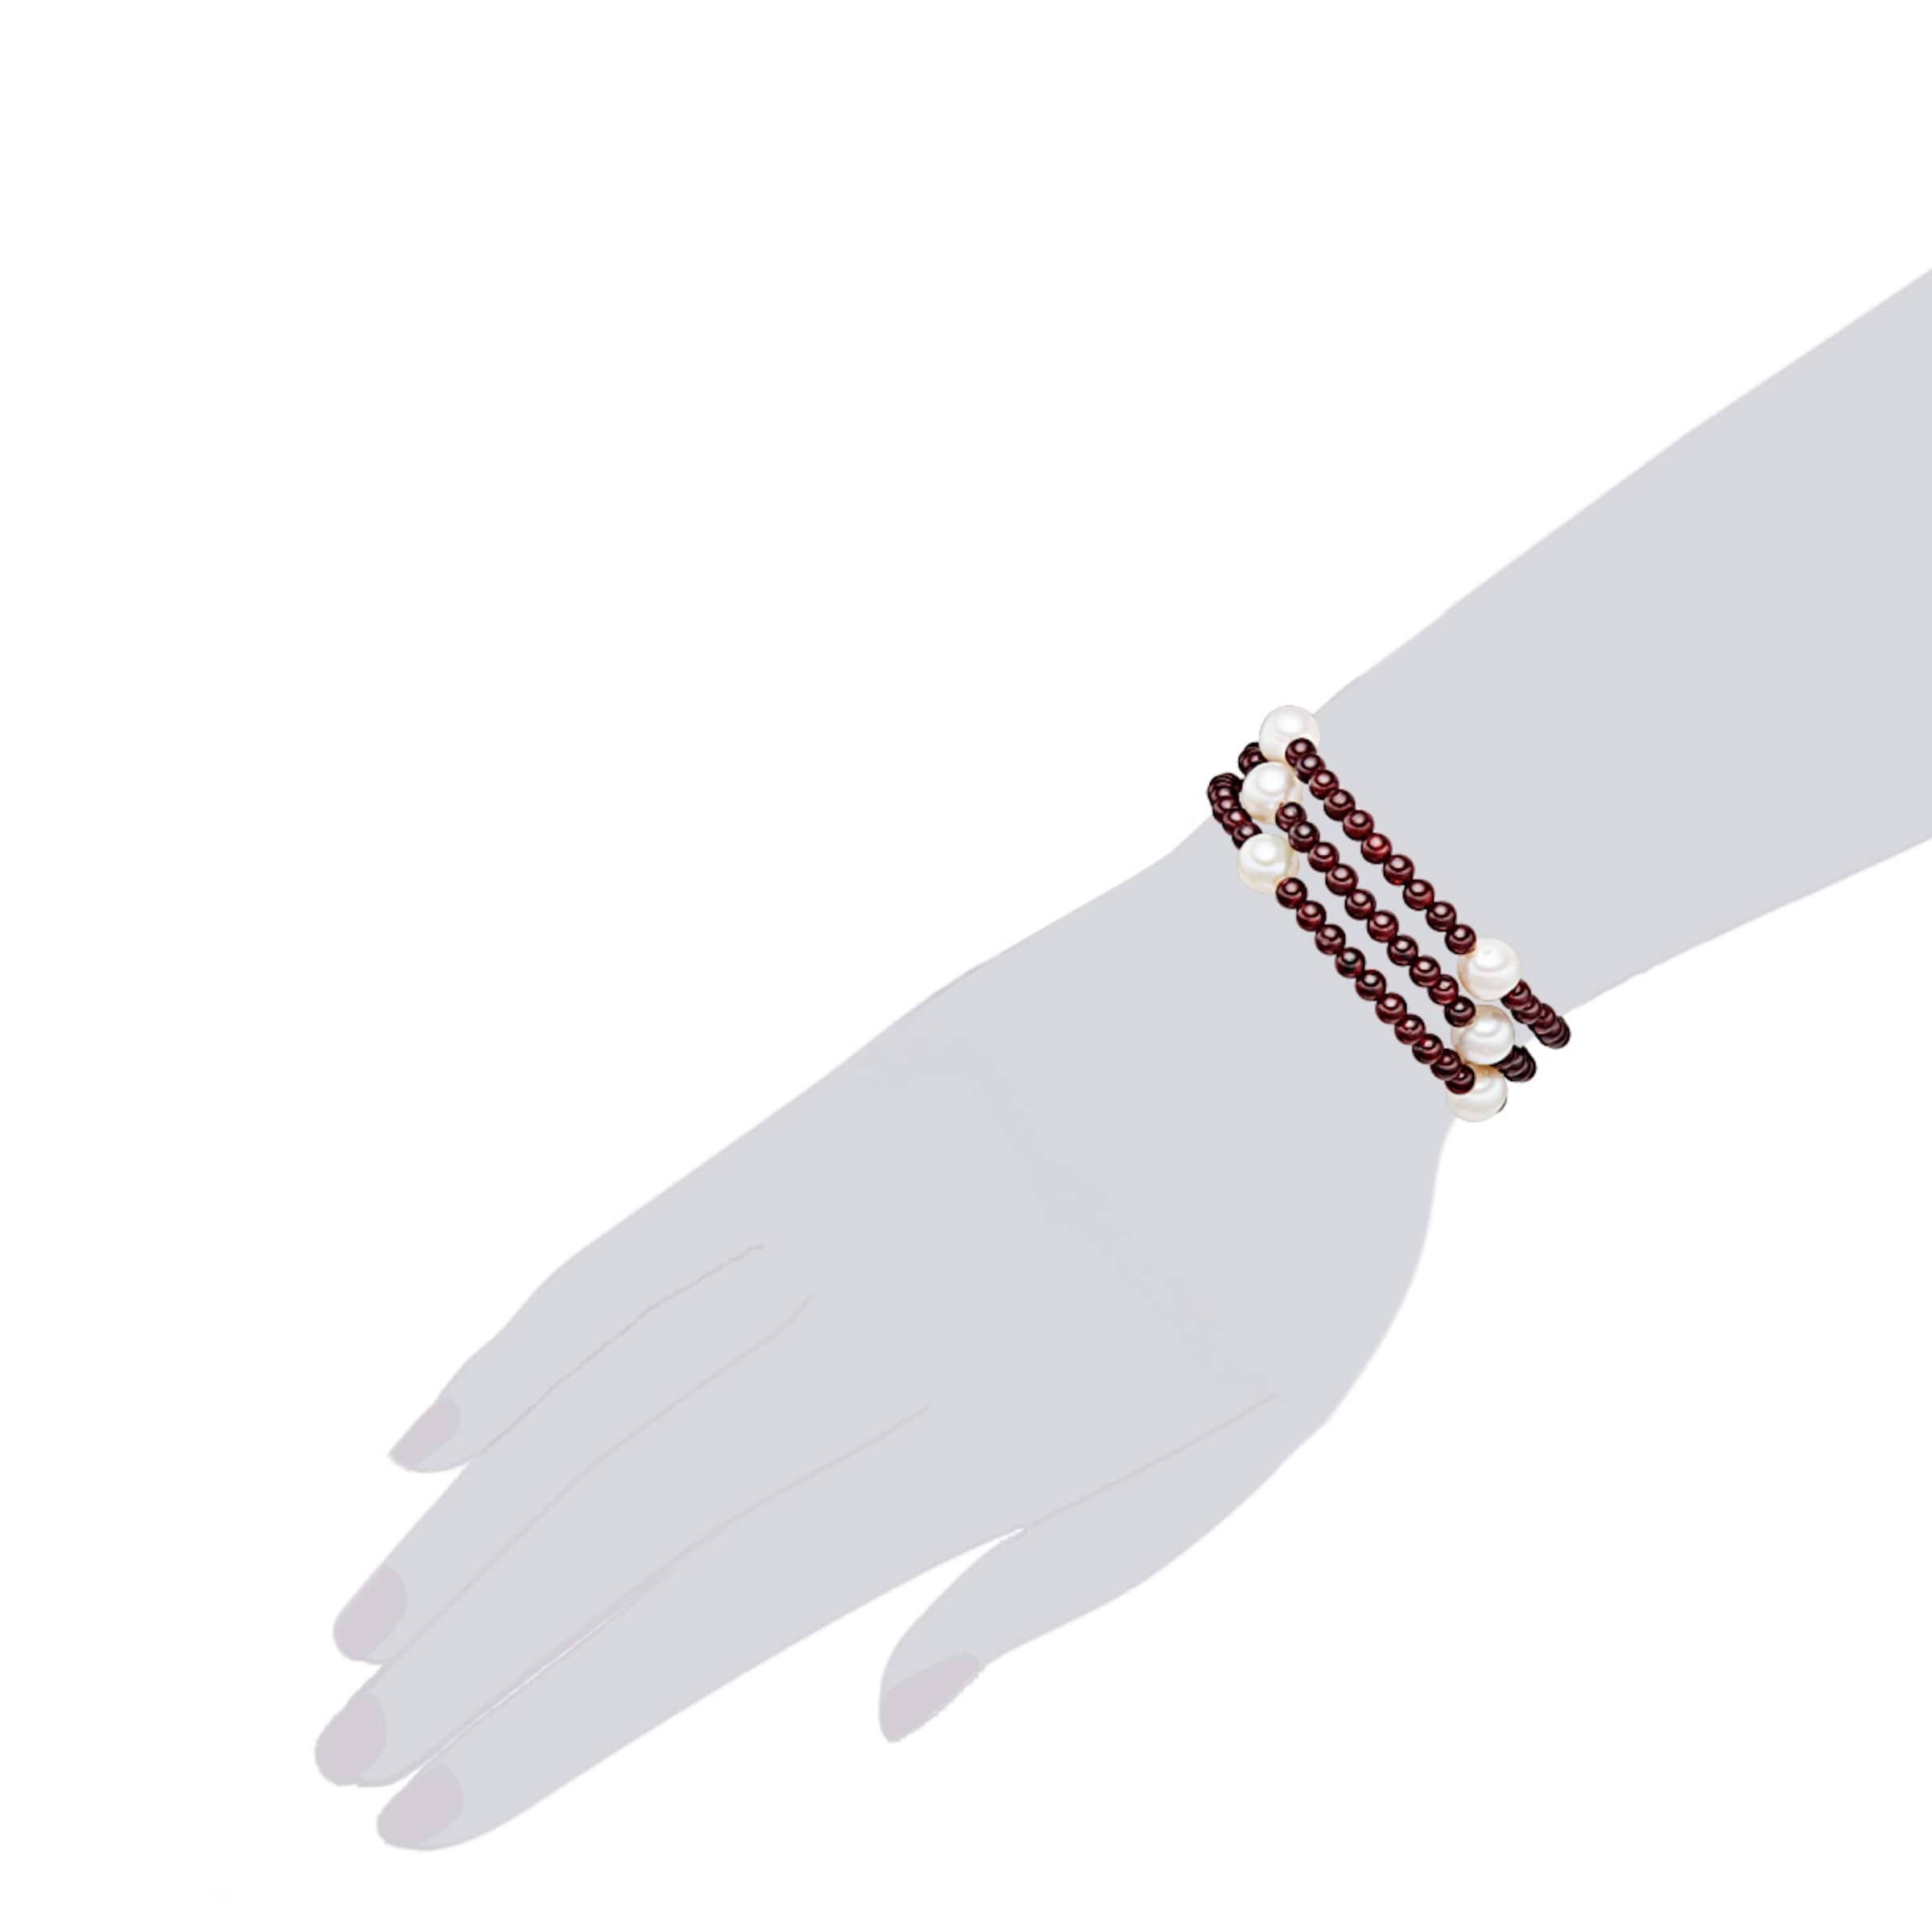 Valero Pearls Granat-Armband mit Süßwasser-Zuchtperlen Freies Verschiffen Großer Verkauf Outlet Rabatte Günstig Kauft Niedrigen Versand Die Billigsten Footlocker Bilder Verkauf Online Vzi8wvL